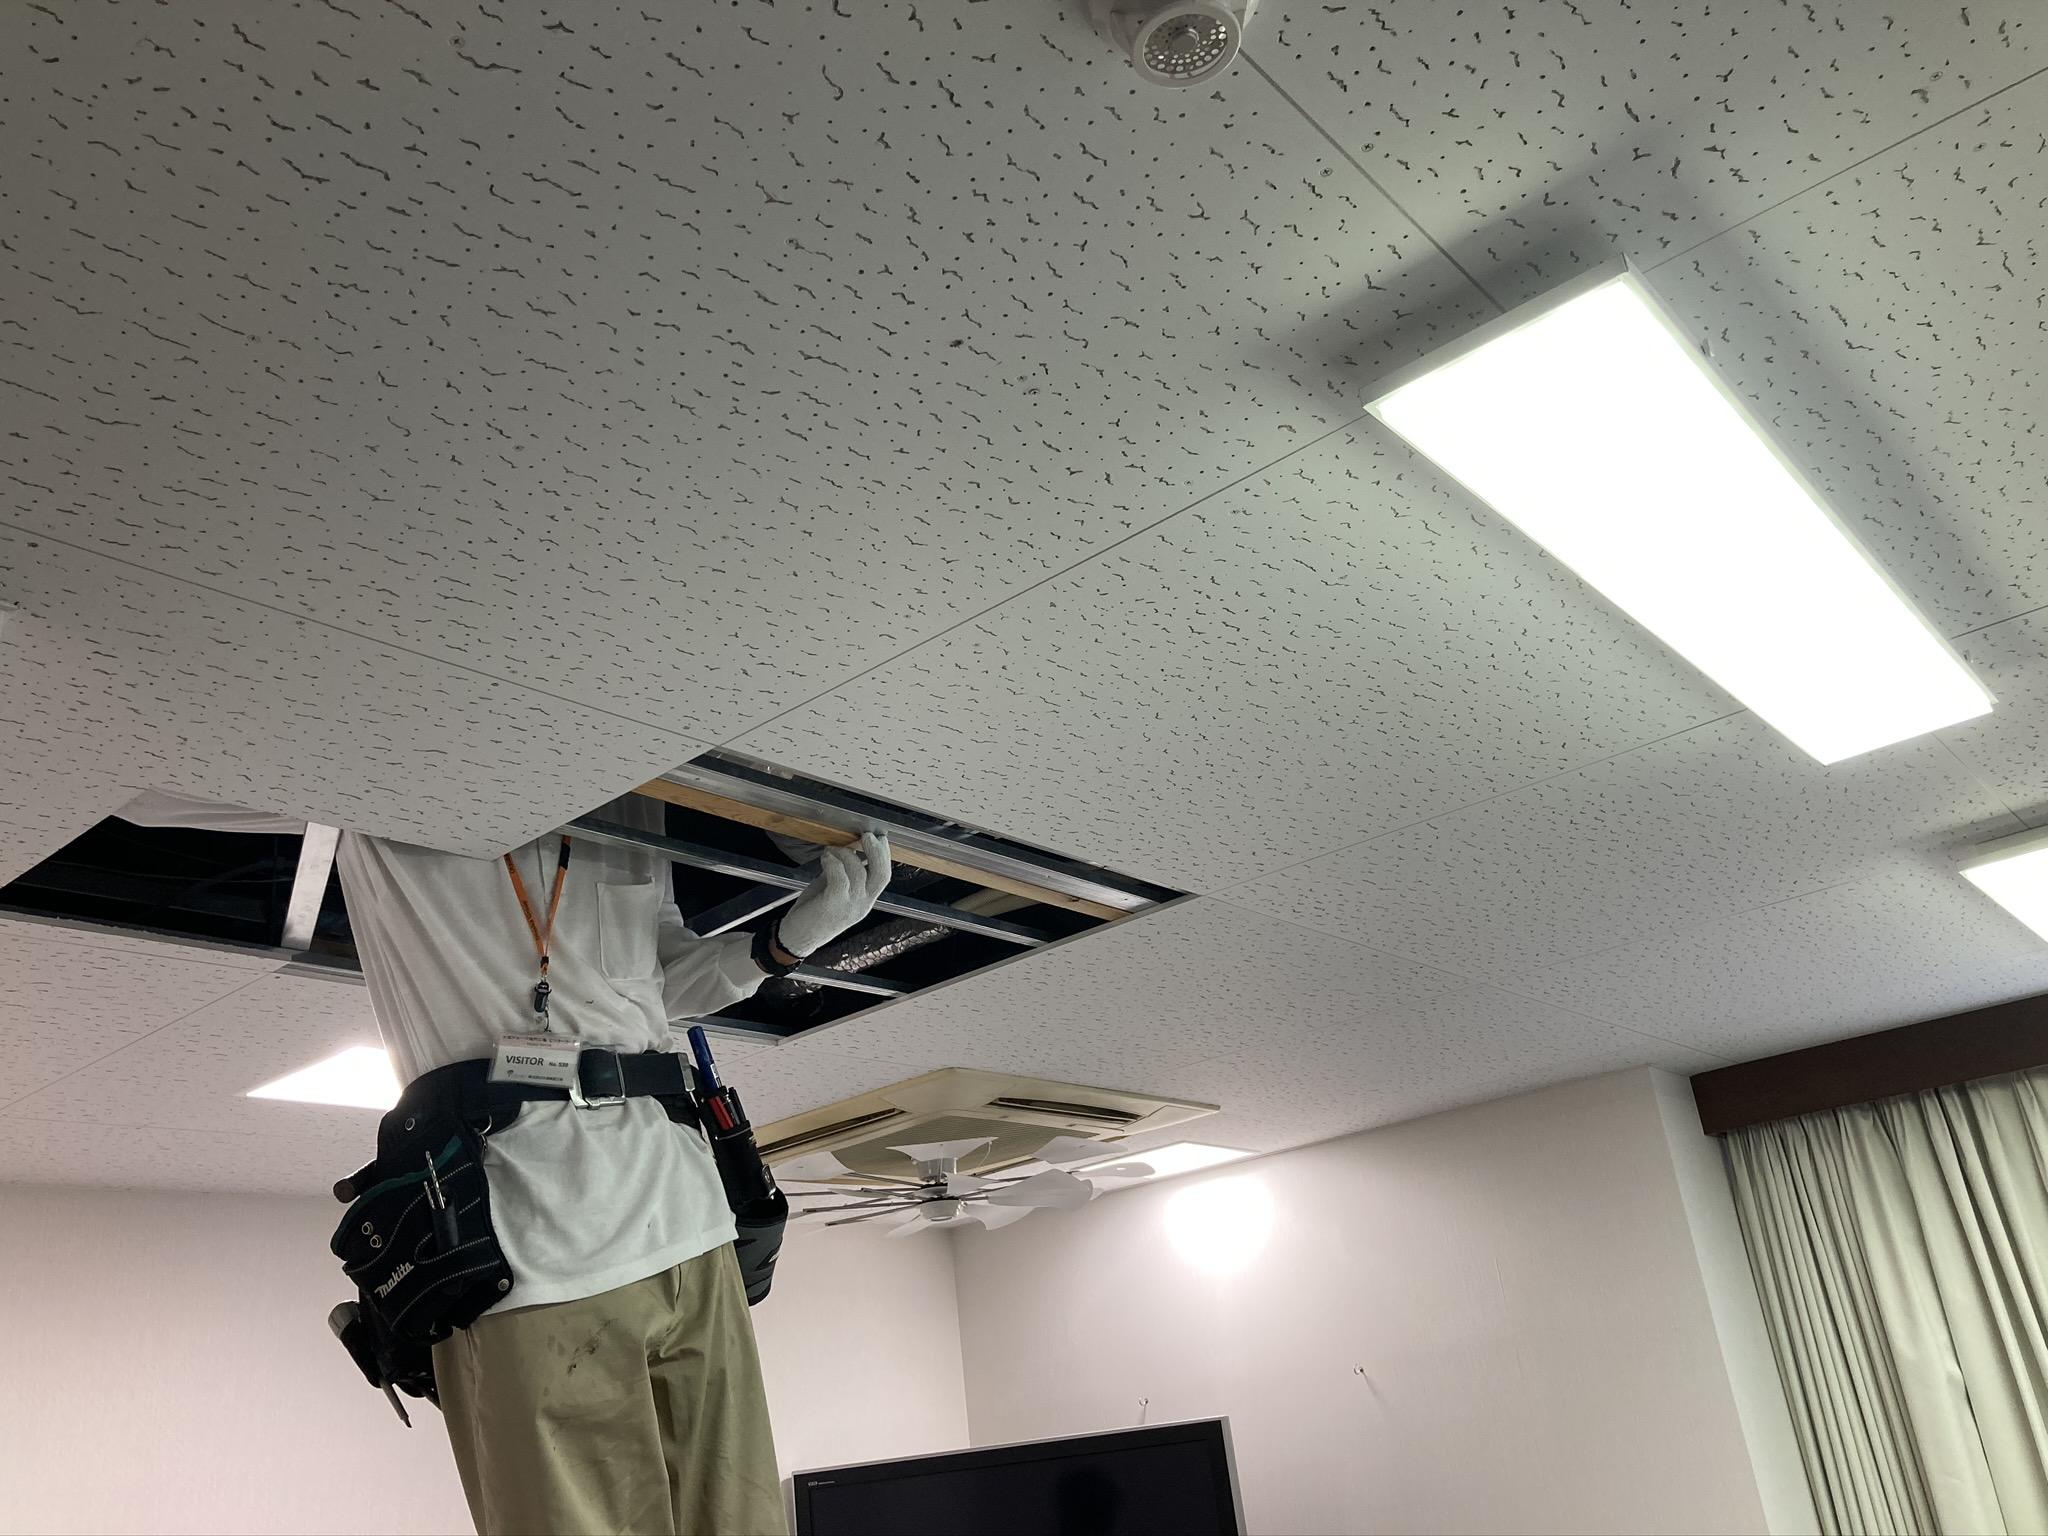 カーテンレール取付位置に天井裏から下地補強